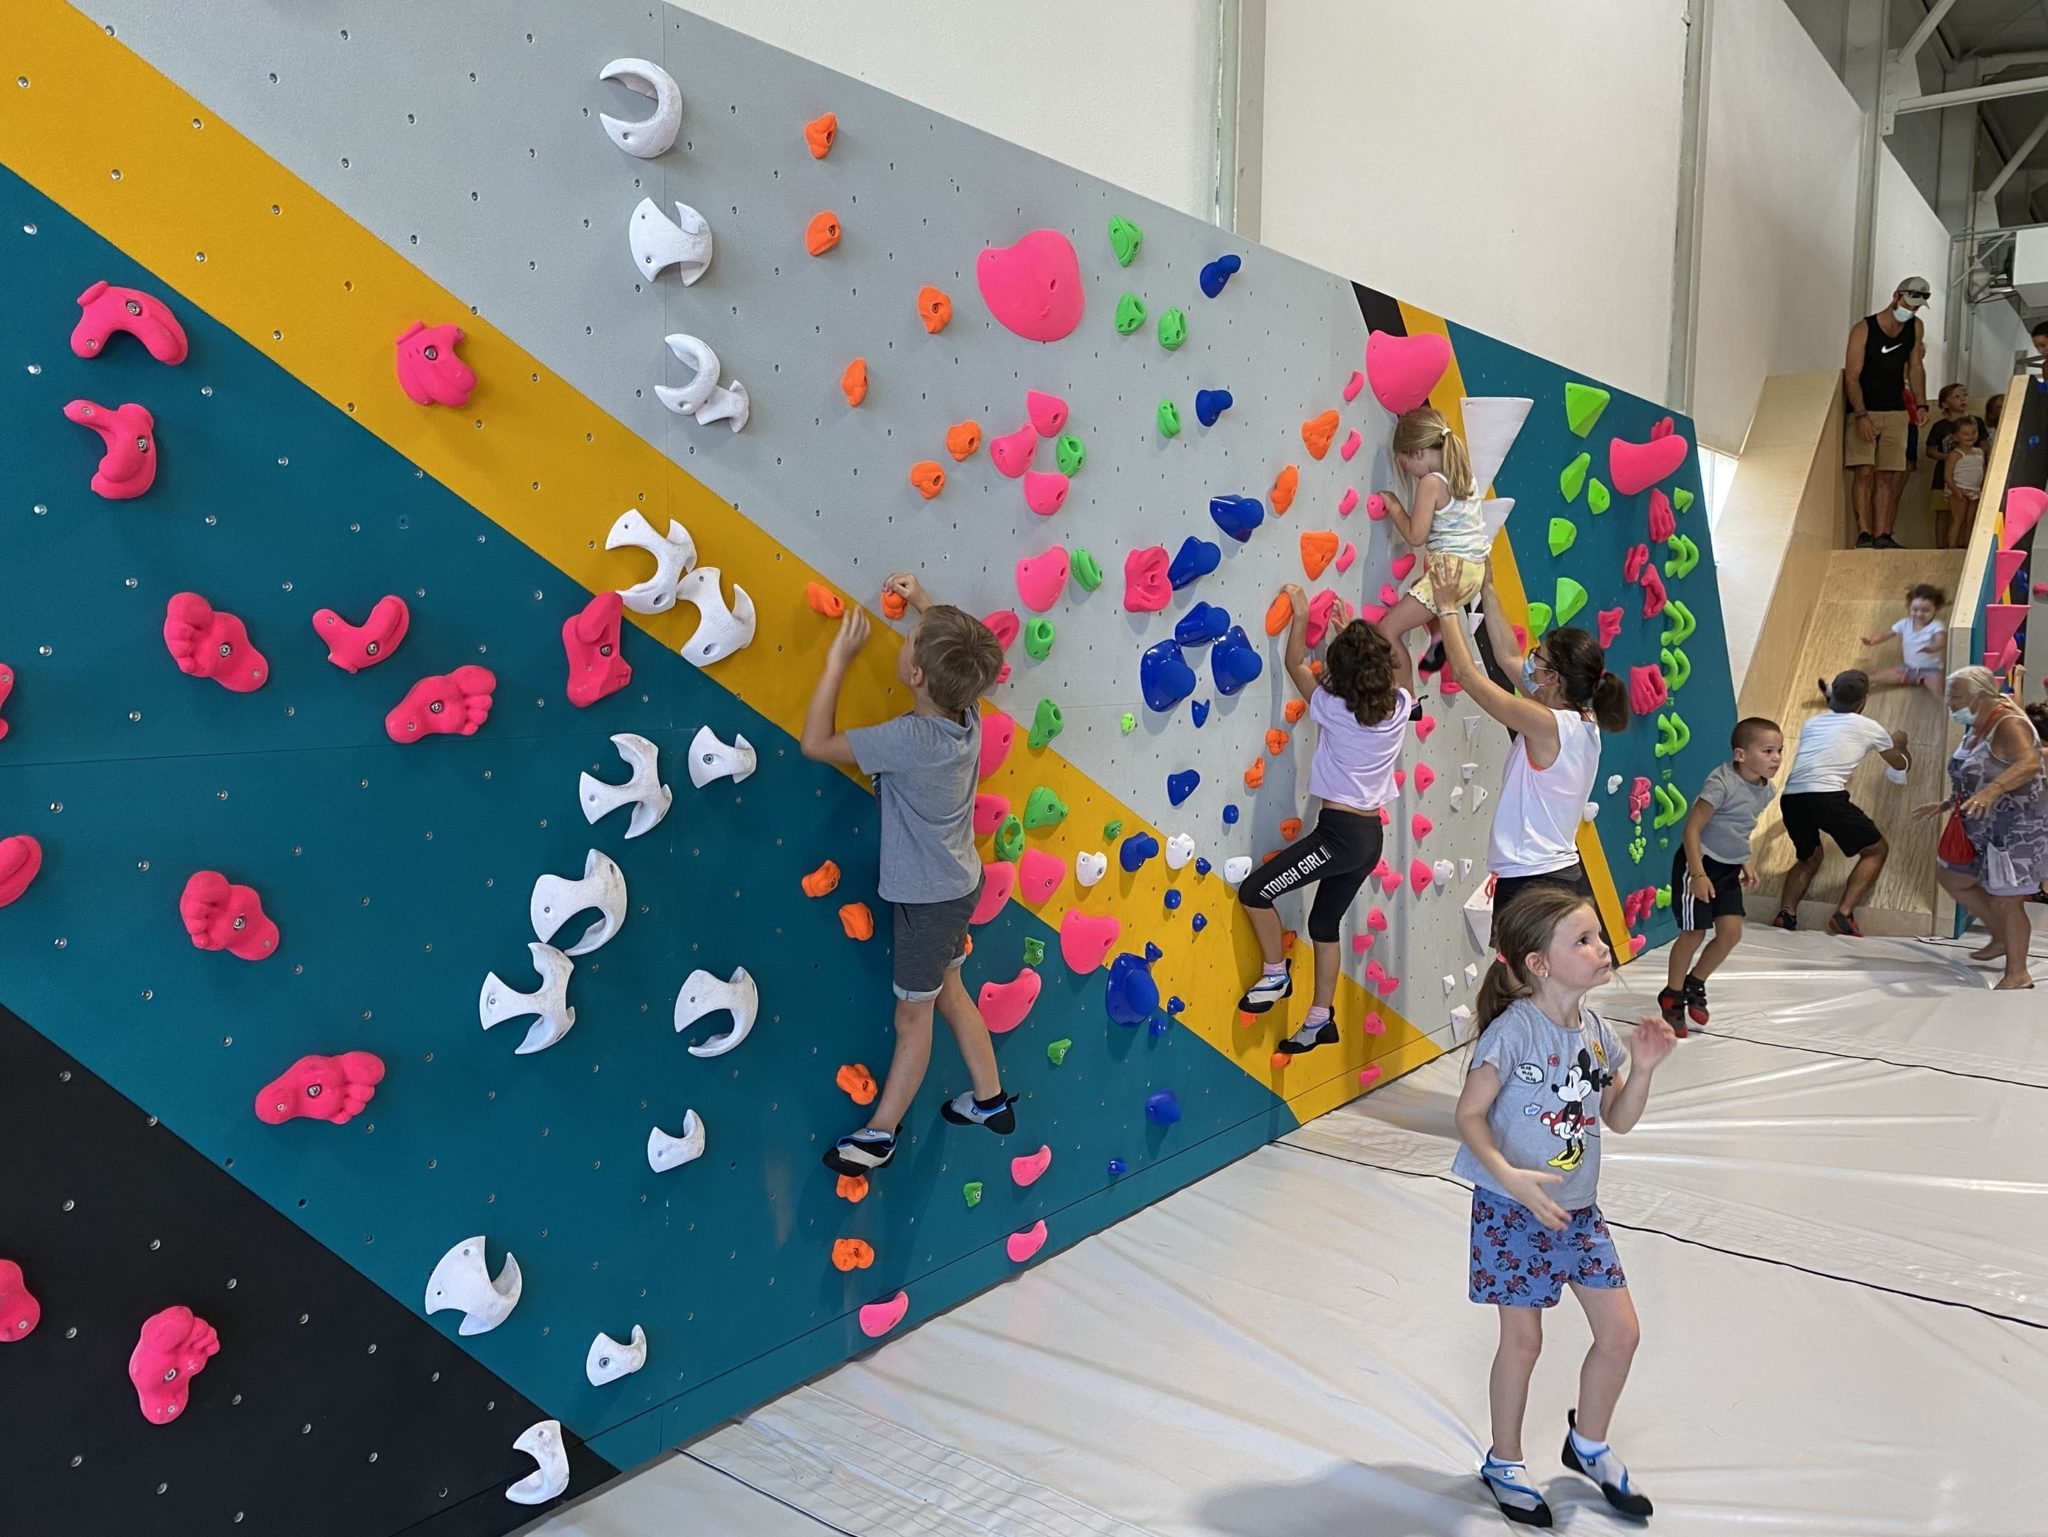 Cours d'escalade à Vertical'Art Toulon. Enfant qui grimpent. Ecole d'escalade. Stages d'escalade vacances.